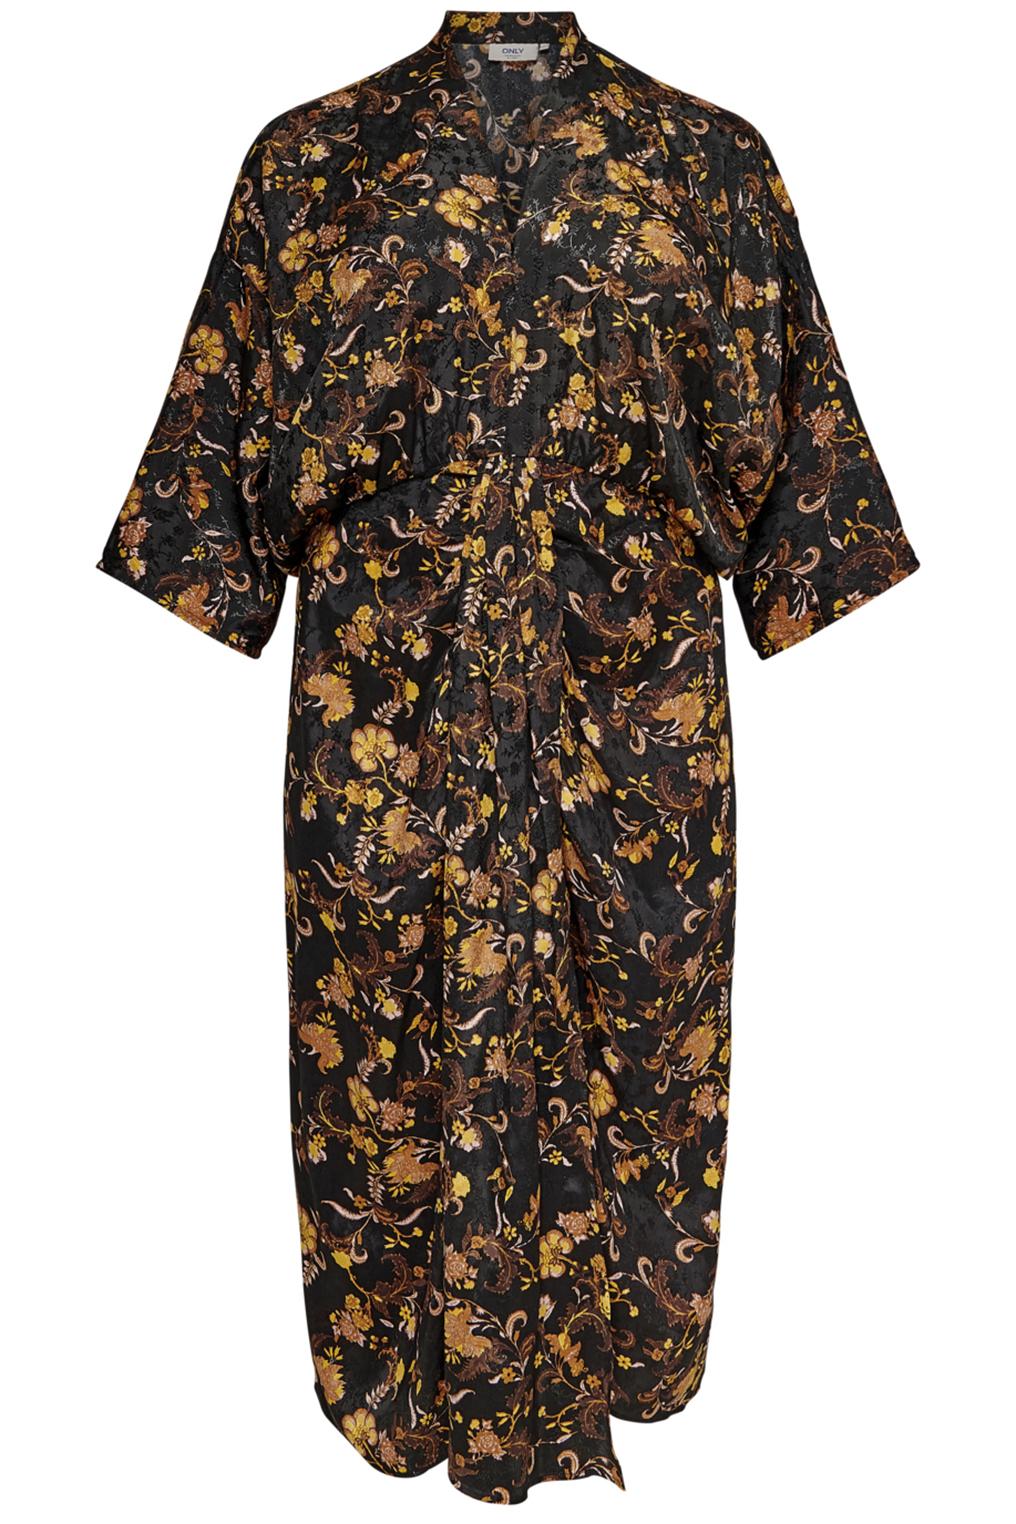 CARRETROTAPESTRY 3/4 CALF DRESS